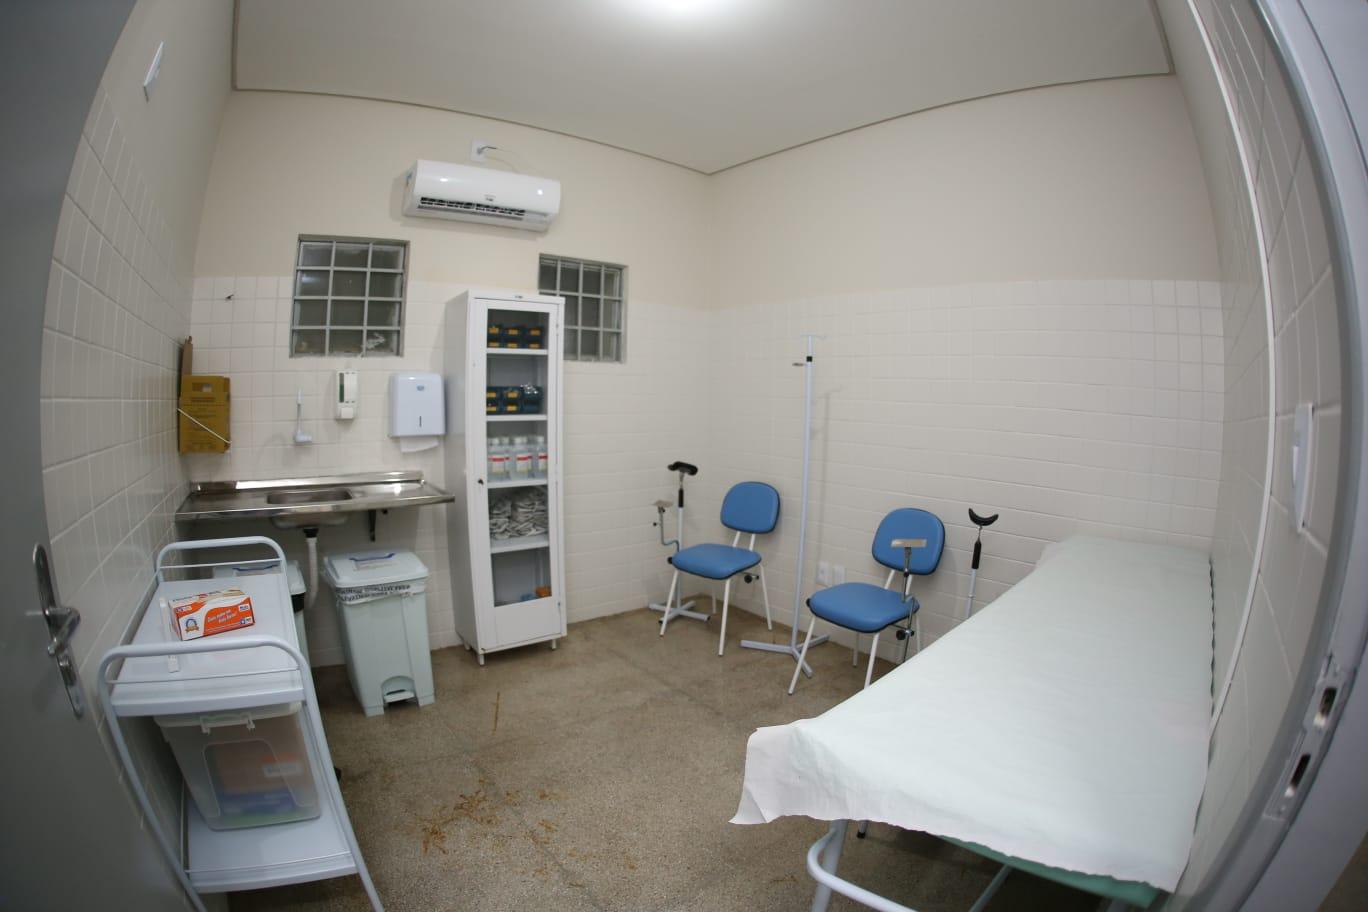 Mais de 9 mil pessoas serão assistidas pela Unidade Básica de Saúde do bairro Alto da Boa Vista em Petrolina